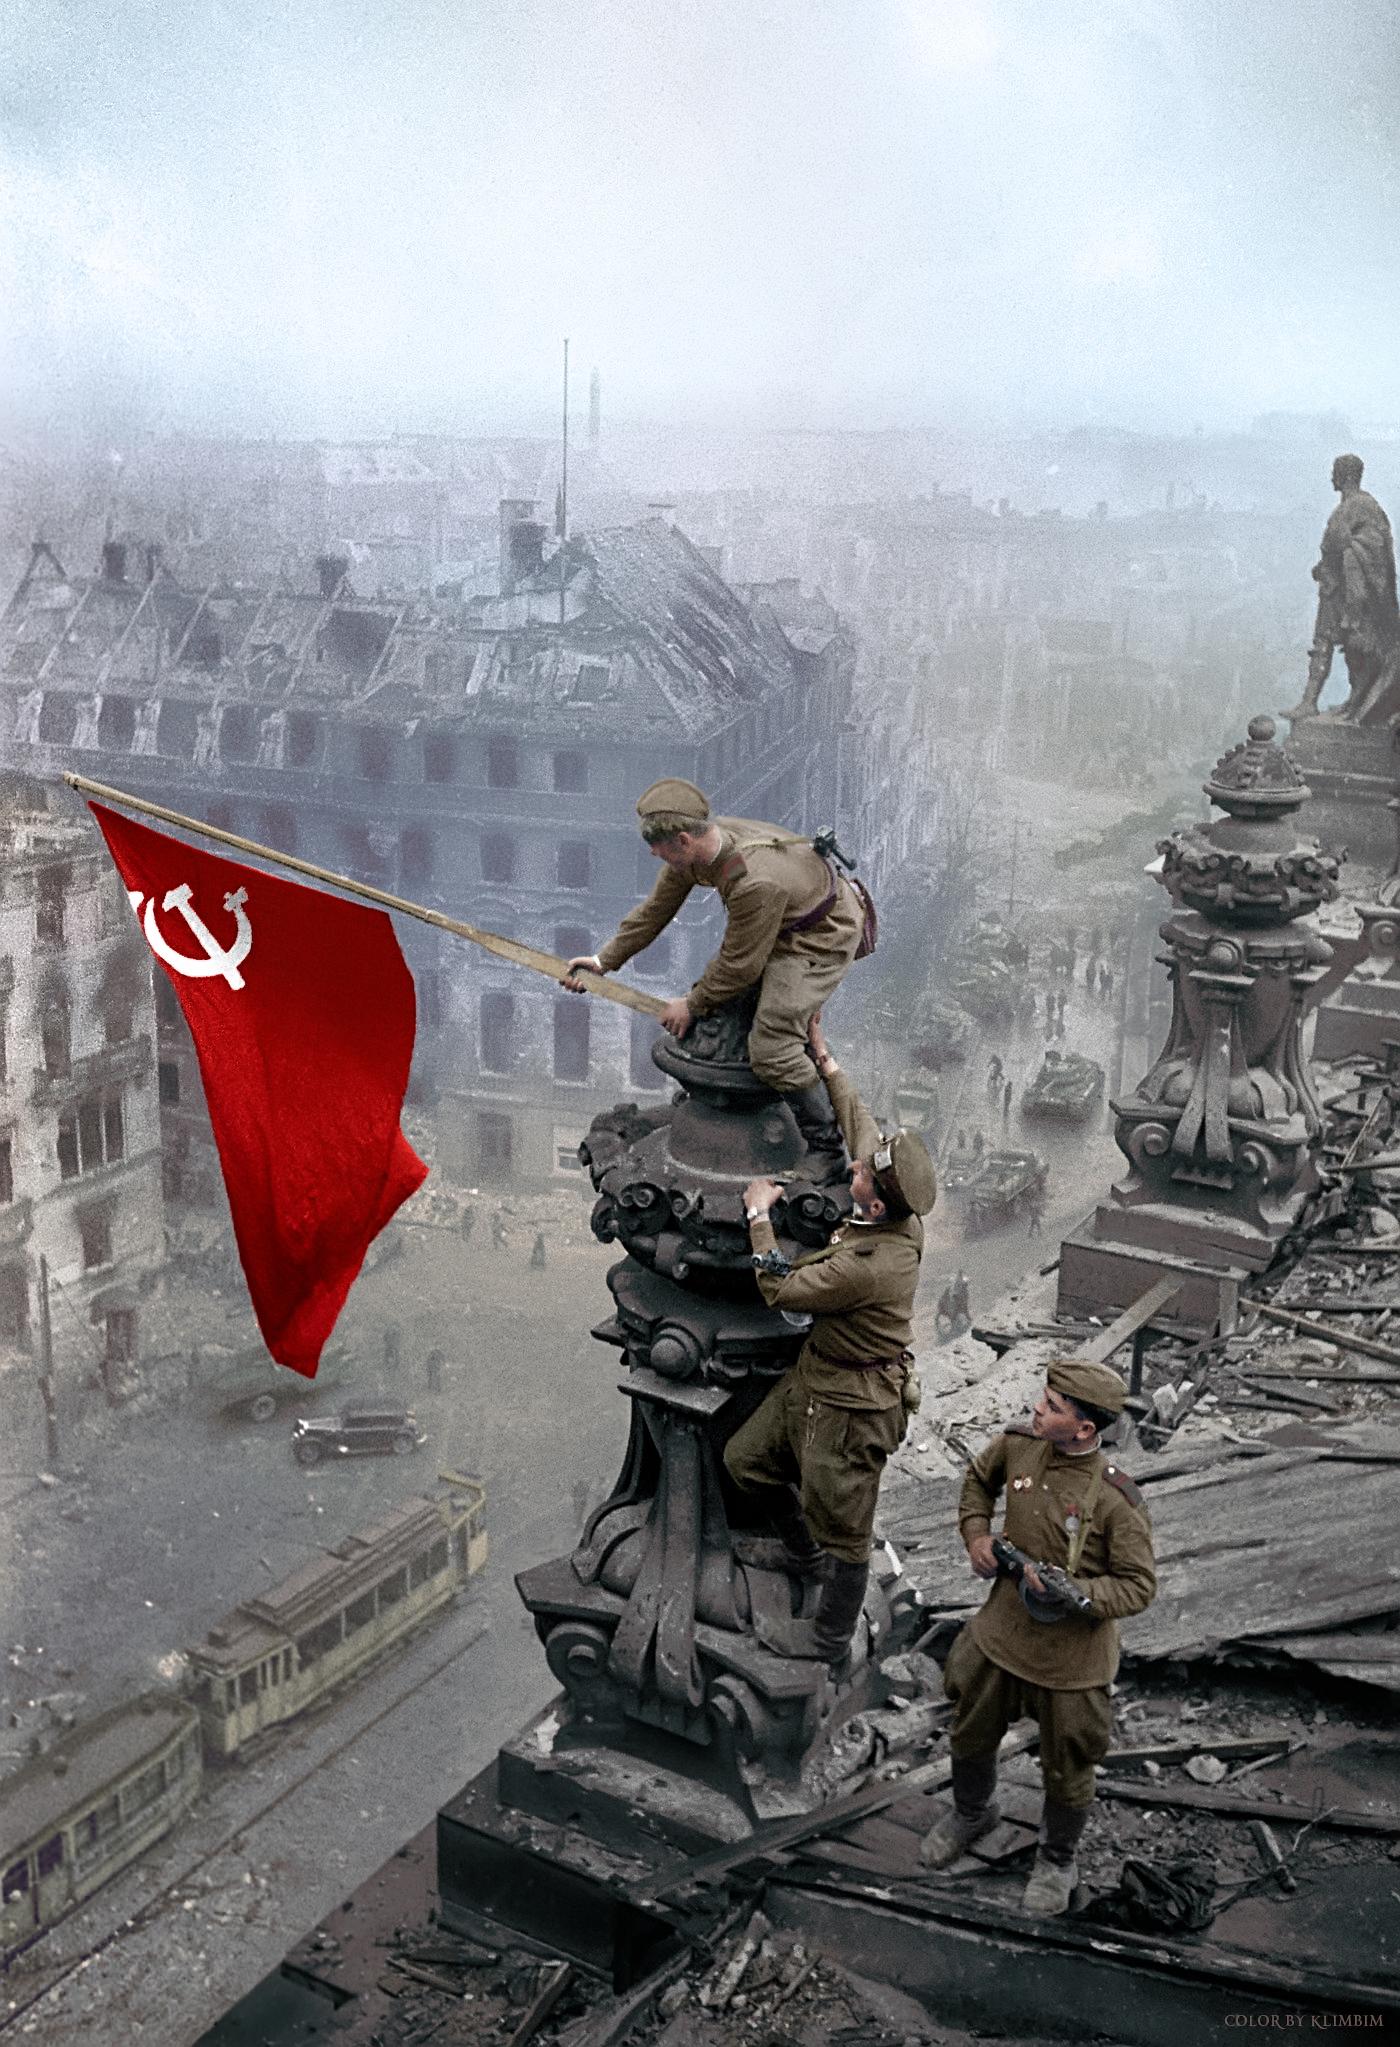 Одессит, нашедший фюрера 75 лет Великой Победе,армия,ВОВ,геополитика,ГИТЛЕР КАПУТ!,история,нацисты,разведка,СМЕРШ,тайны